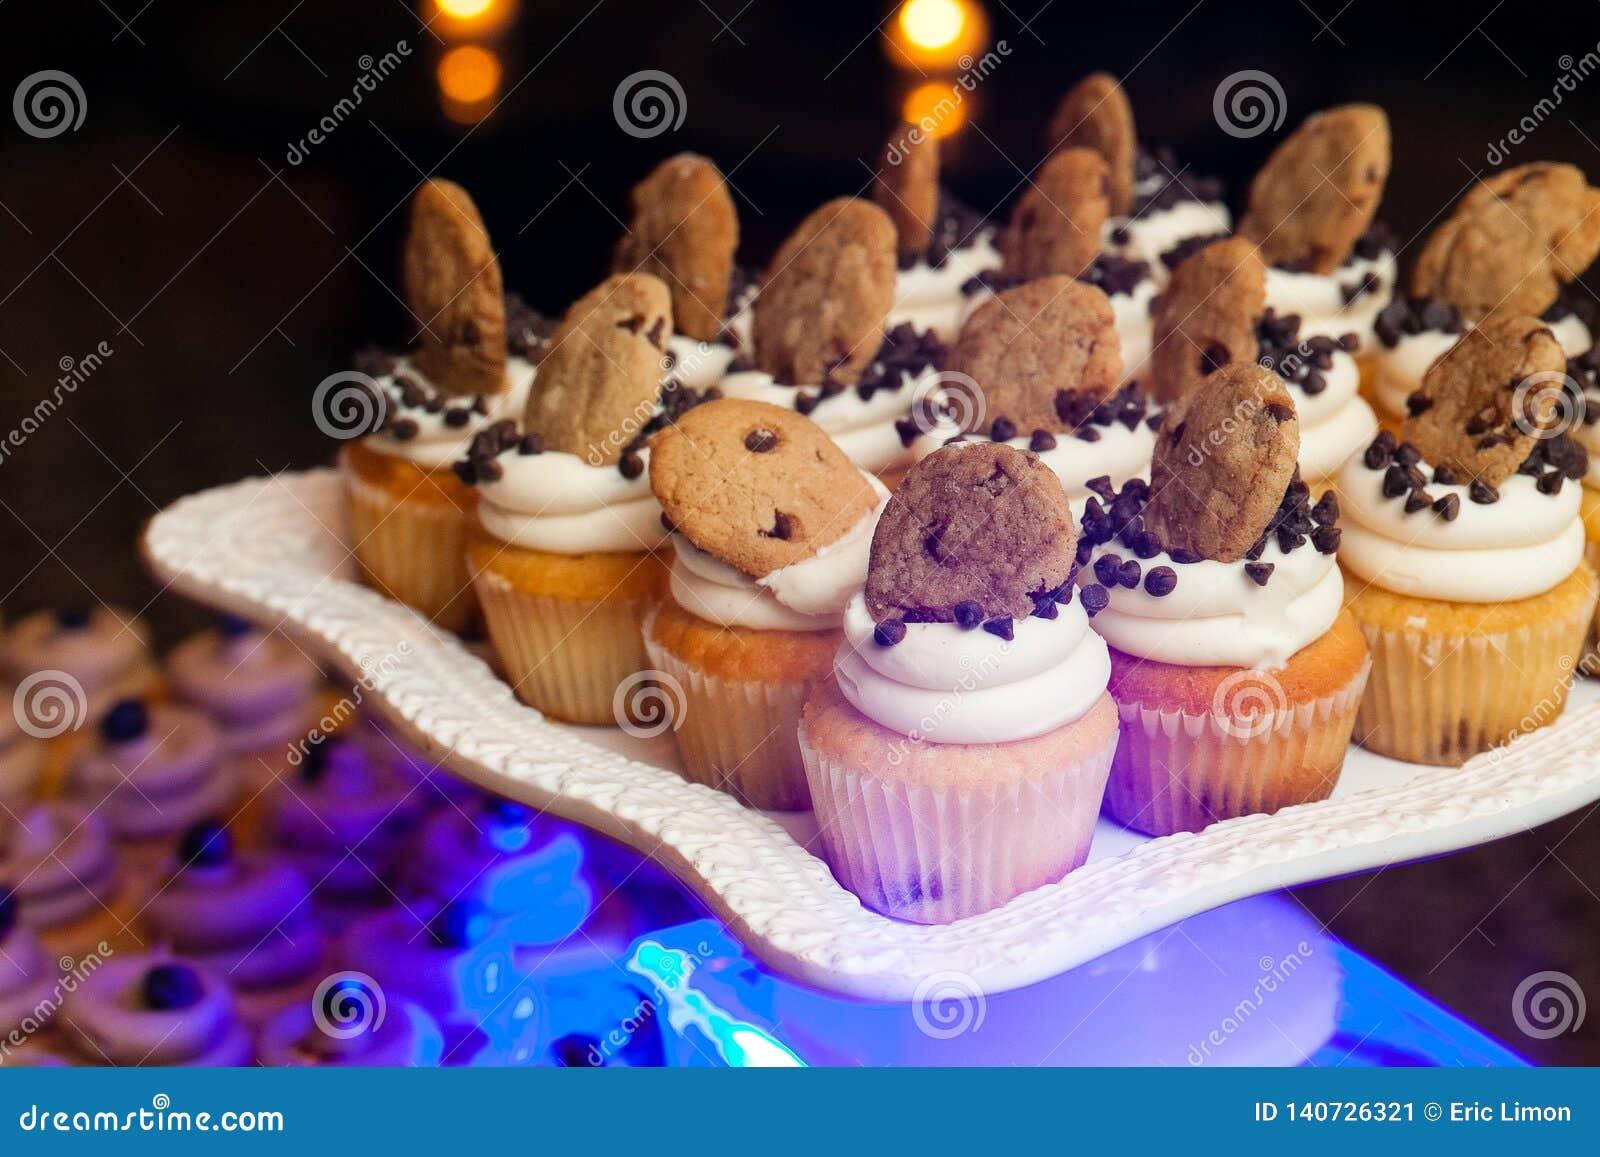 Épouser des petits gâteaux avec des frites et des biscuits de chocolat pendant un événement approvisionné